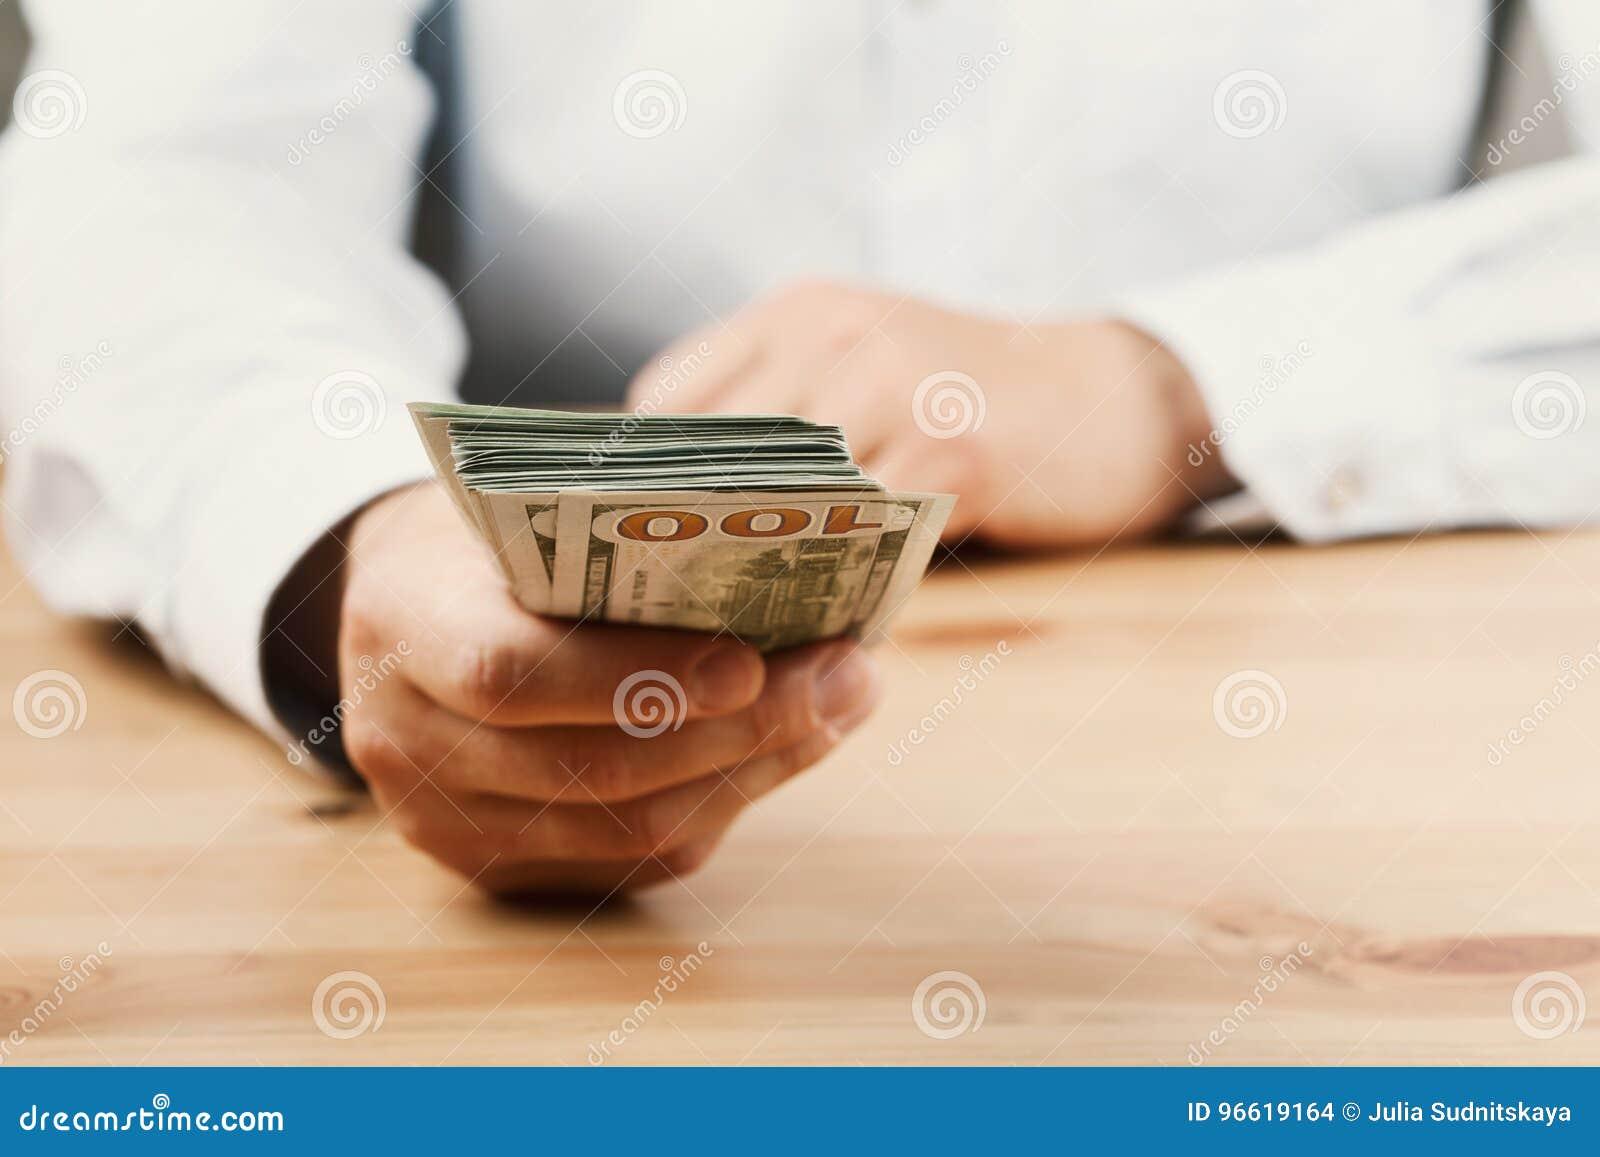 Άτομο στο δόσιμο πουκάμισων των χρημάτων Το δάνειο, χρηματοδότηση, μισθός, δωροδοκία και δίνει την έννοια